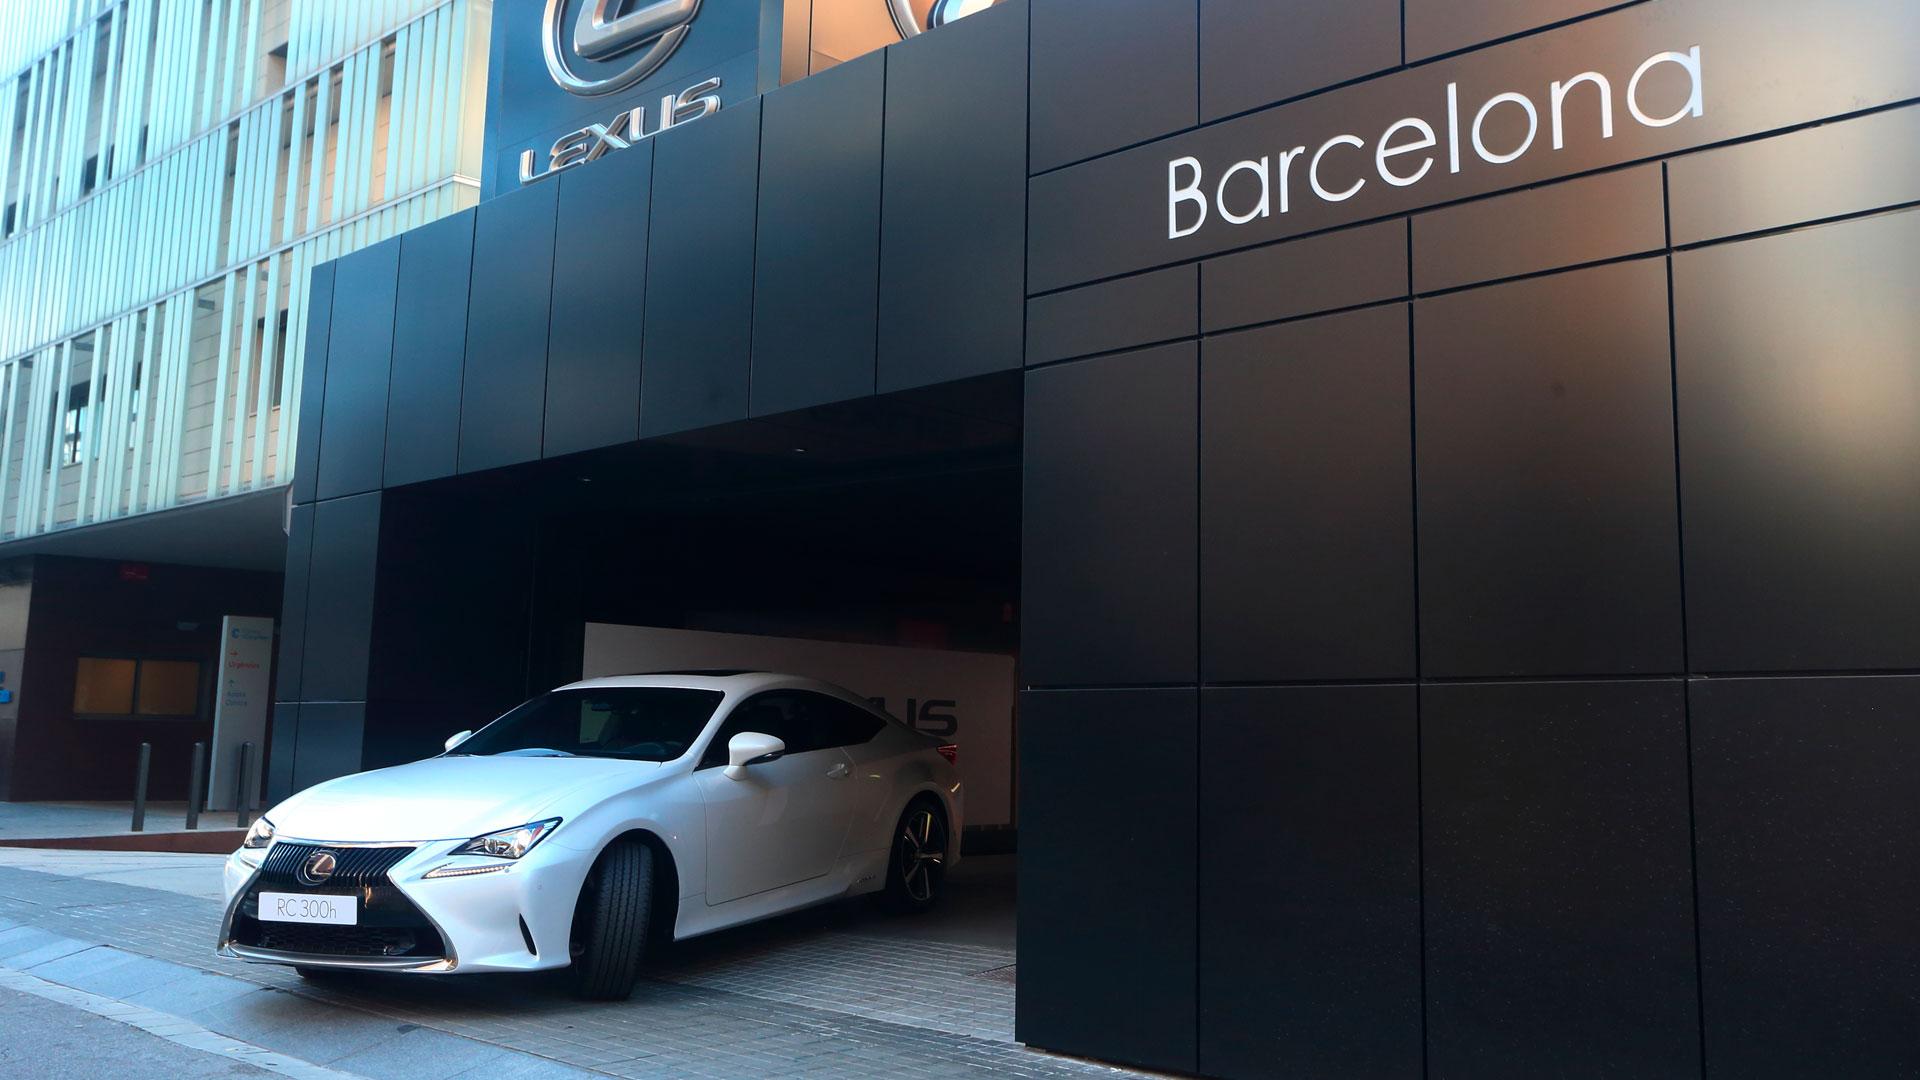 Lexus Barcelona hero asset